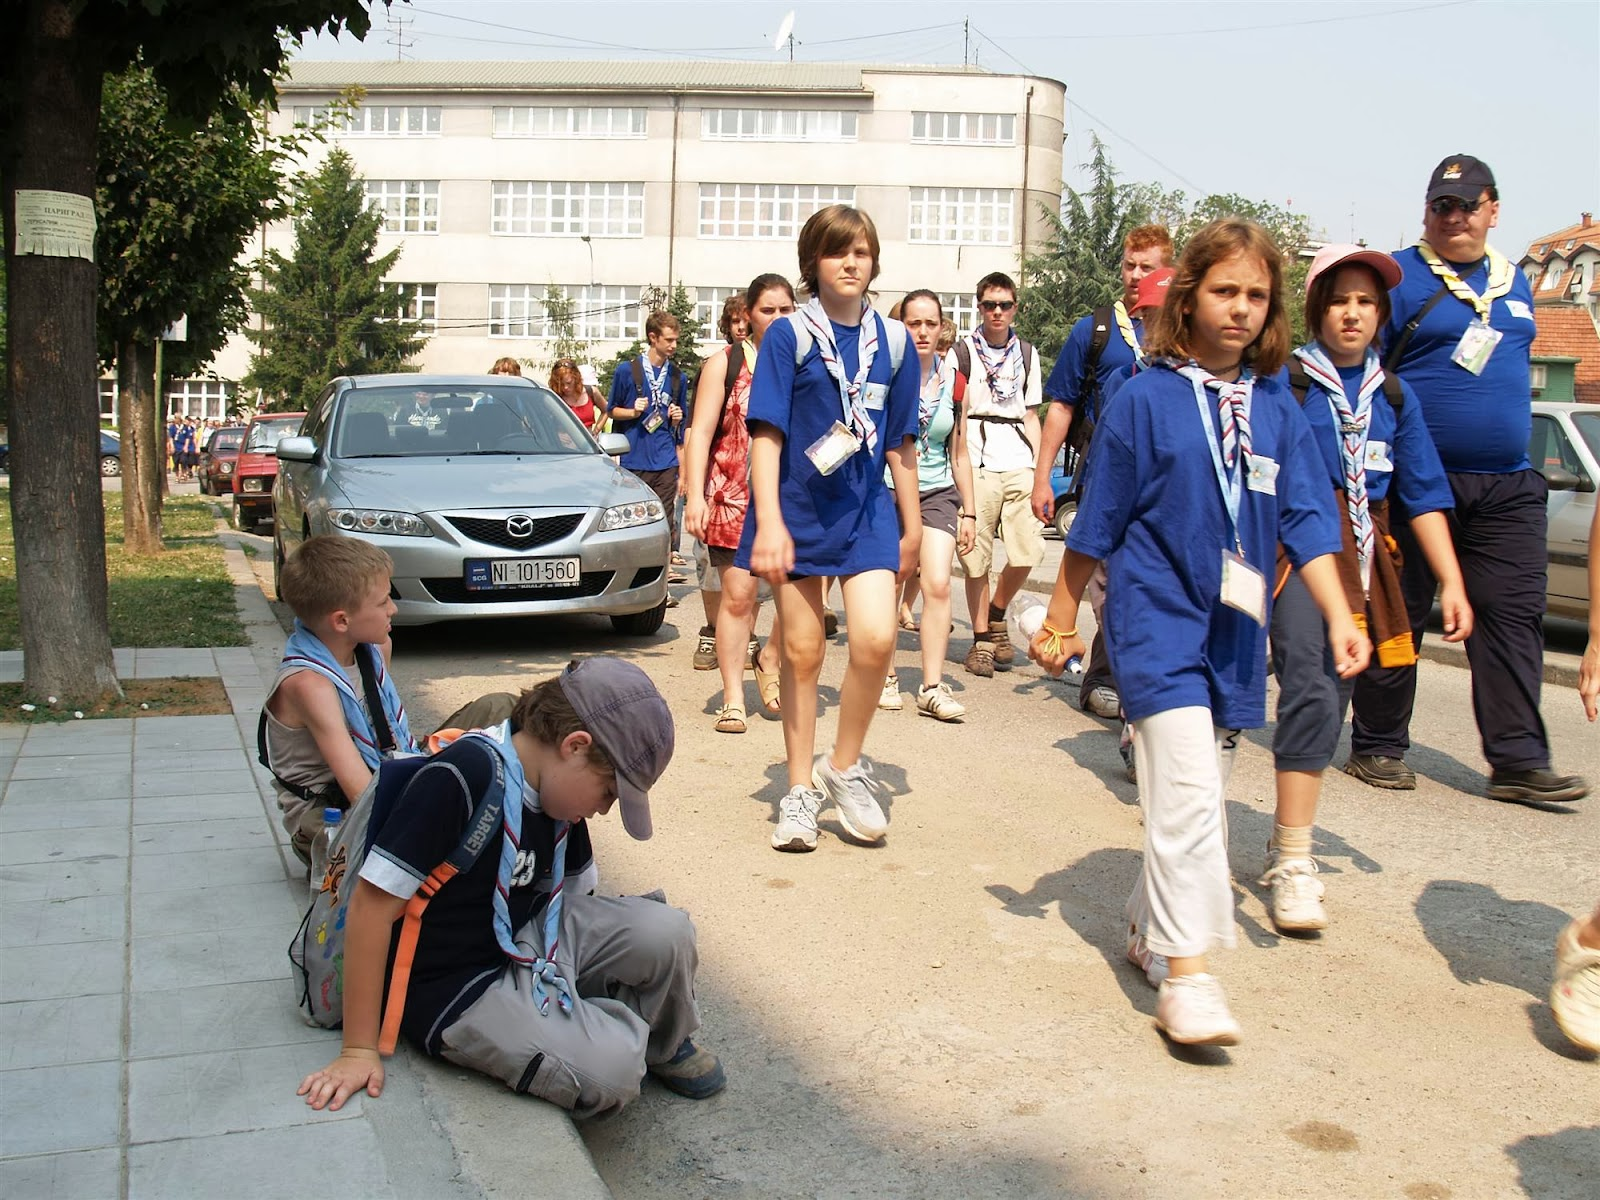 Smotra, Smotra 2006 - P0251761.JPG